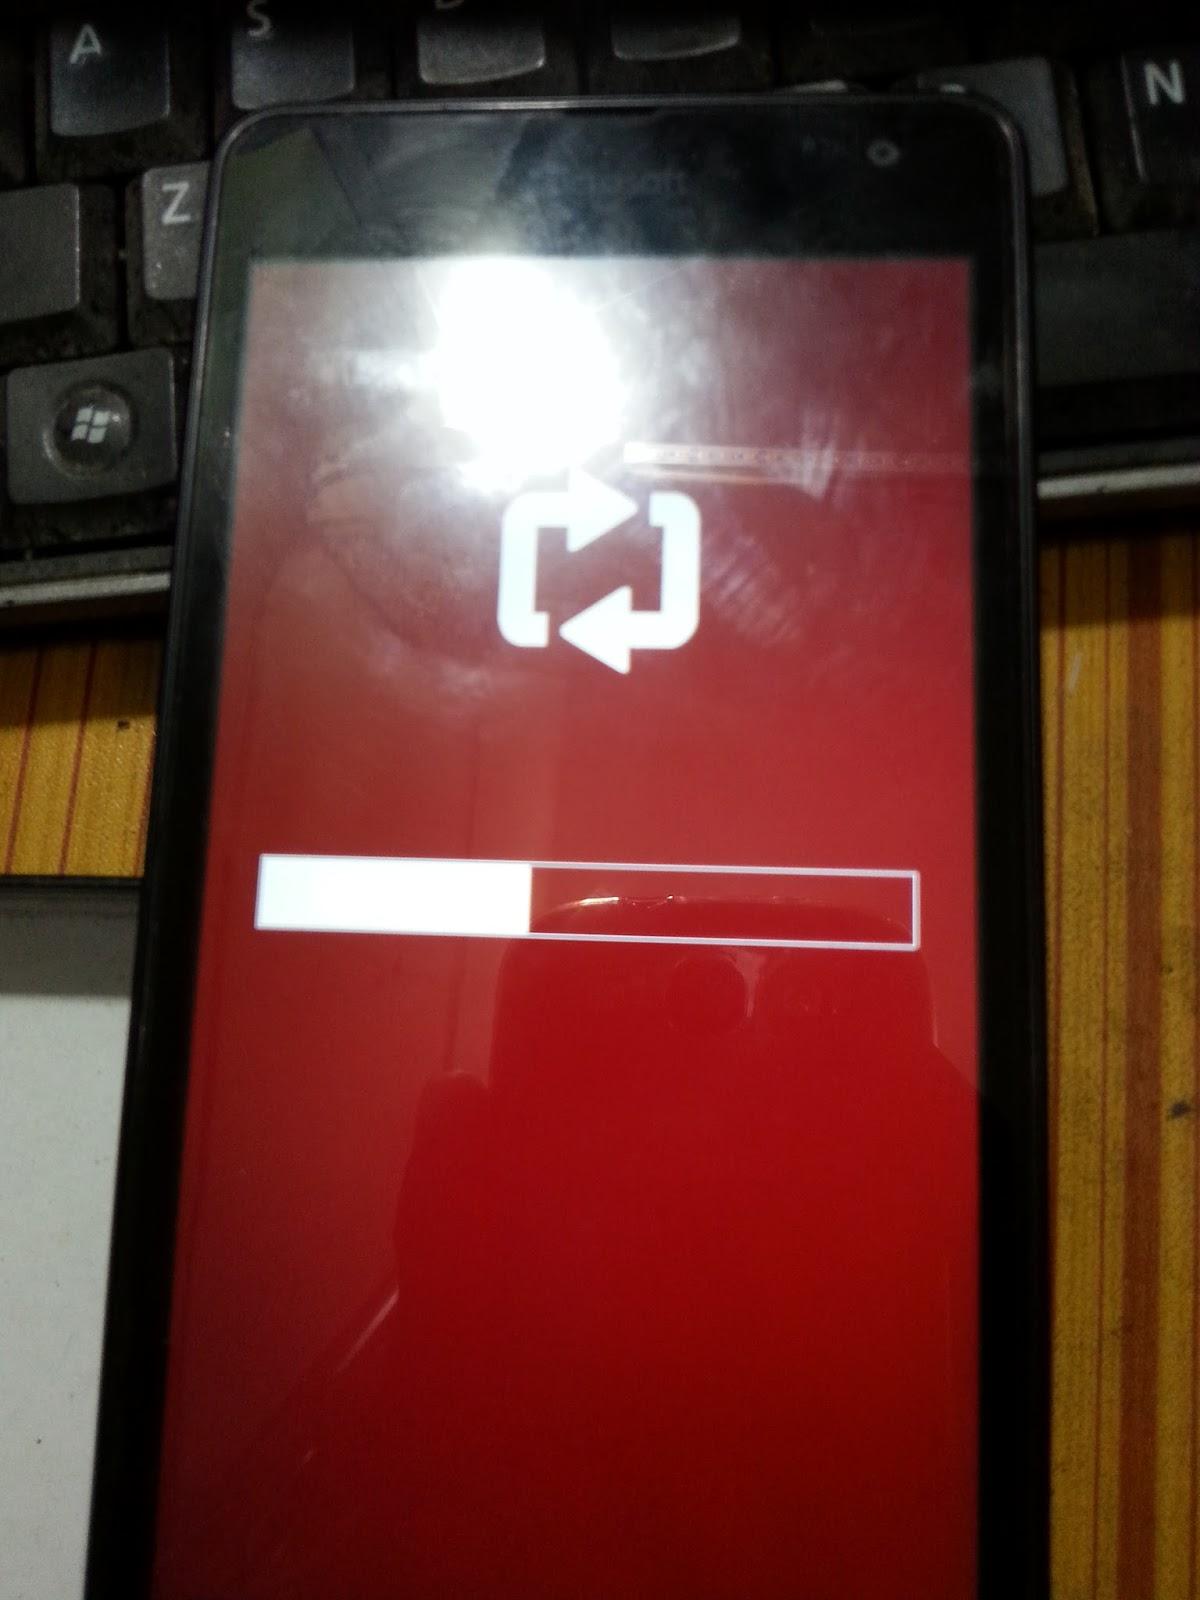 Nokia Ffu File